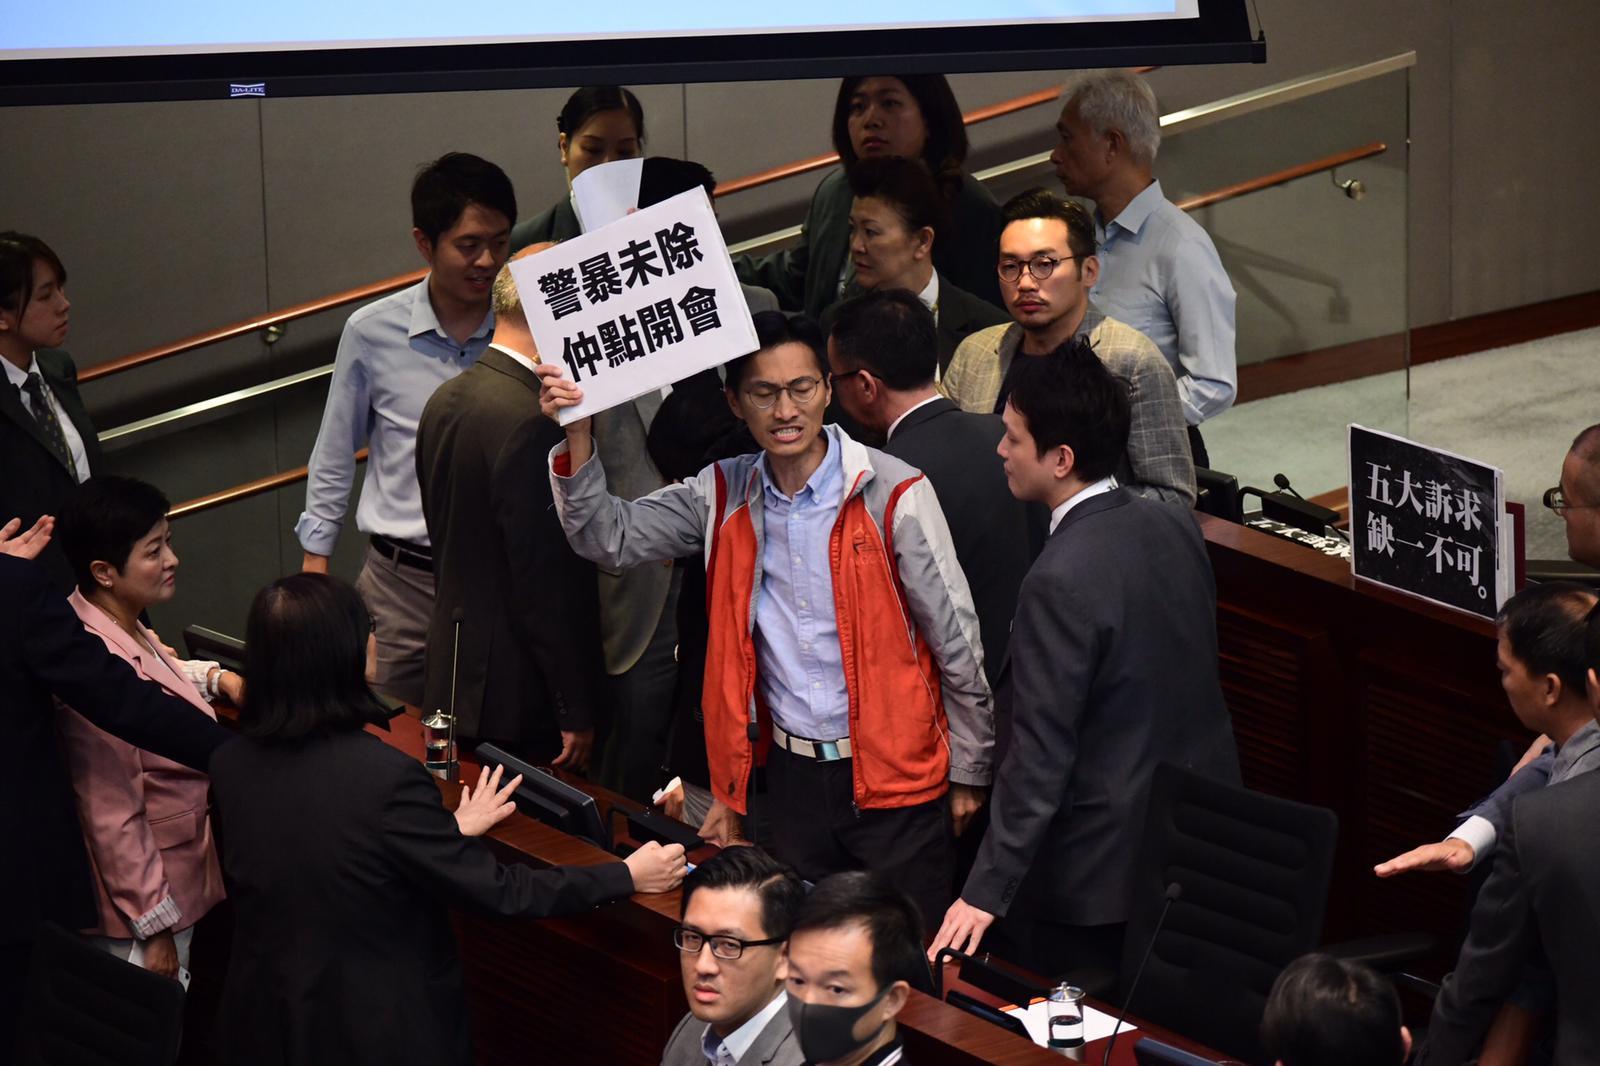 土地正義聯盟朱凱廸(紅背心)帶同標語出席。